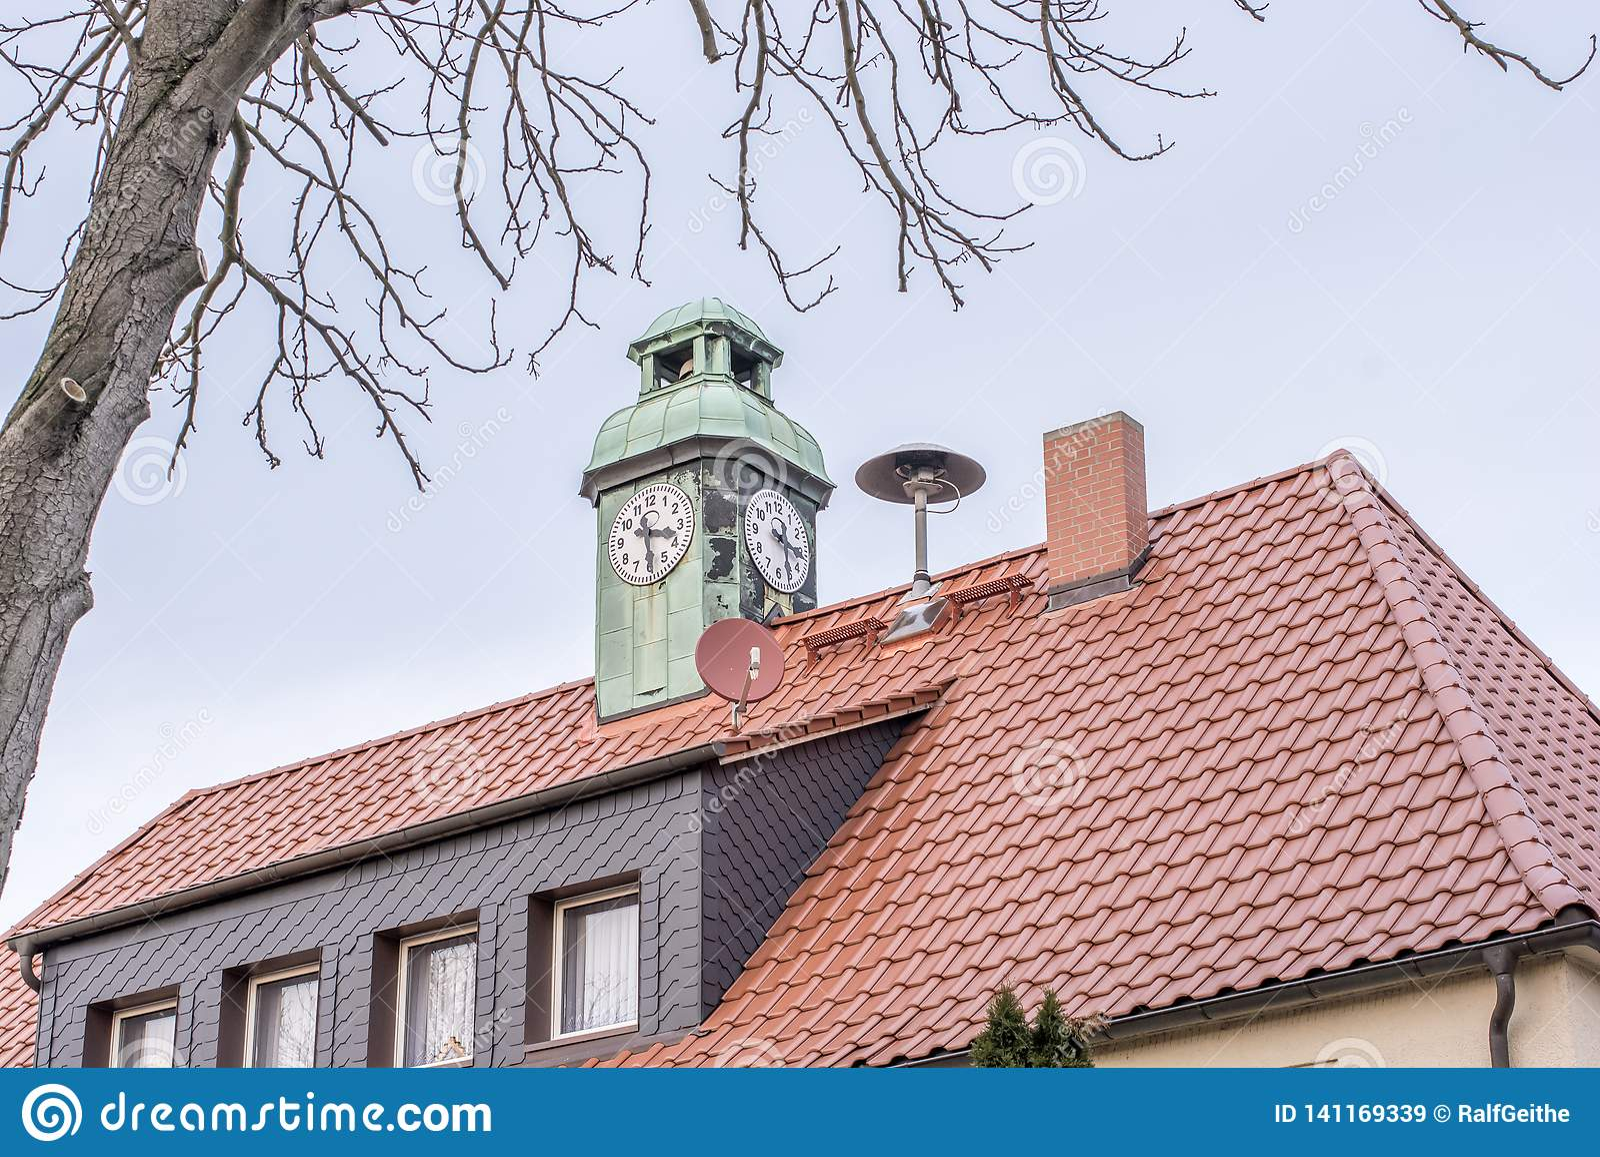 Casa com torre de pulso de disparo e sirene do departamento dos bombeiros local no telhado